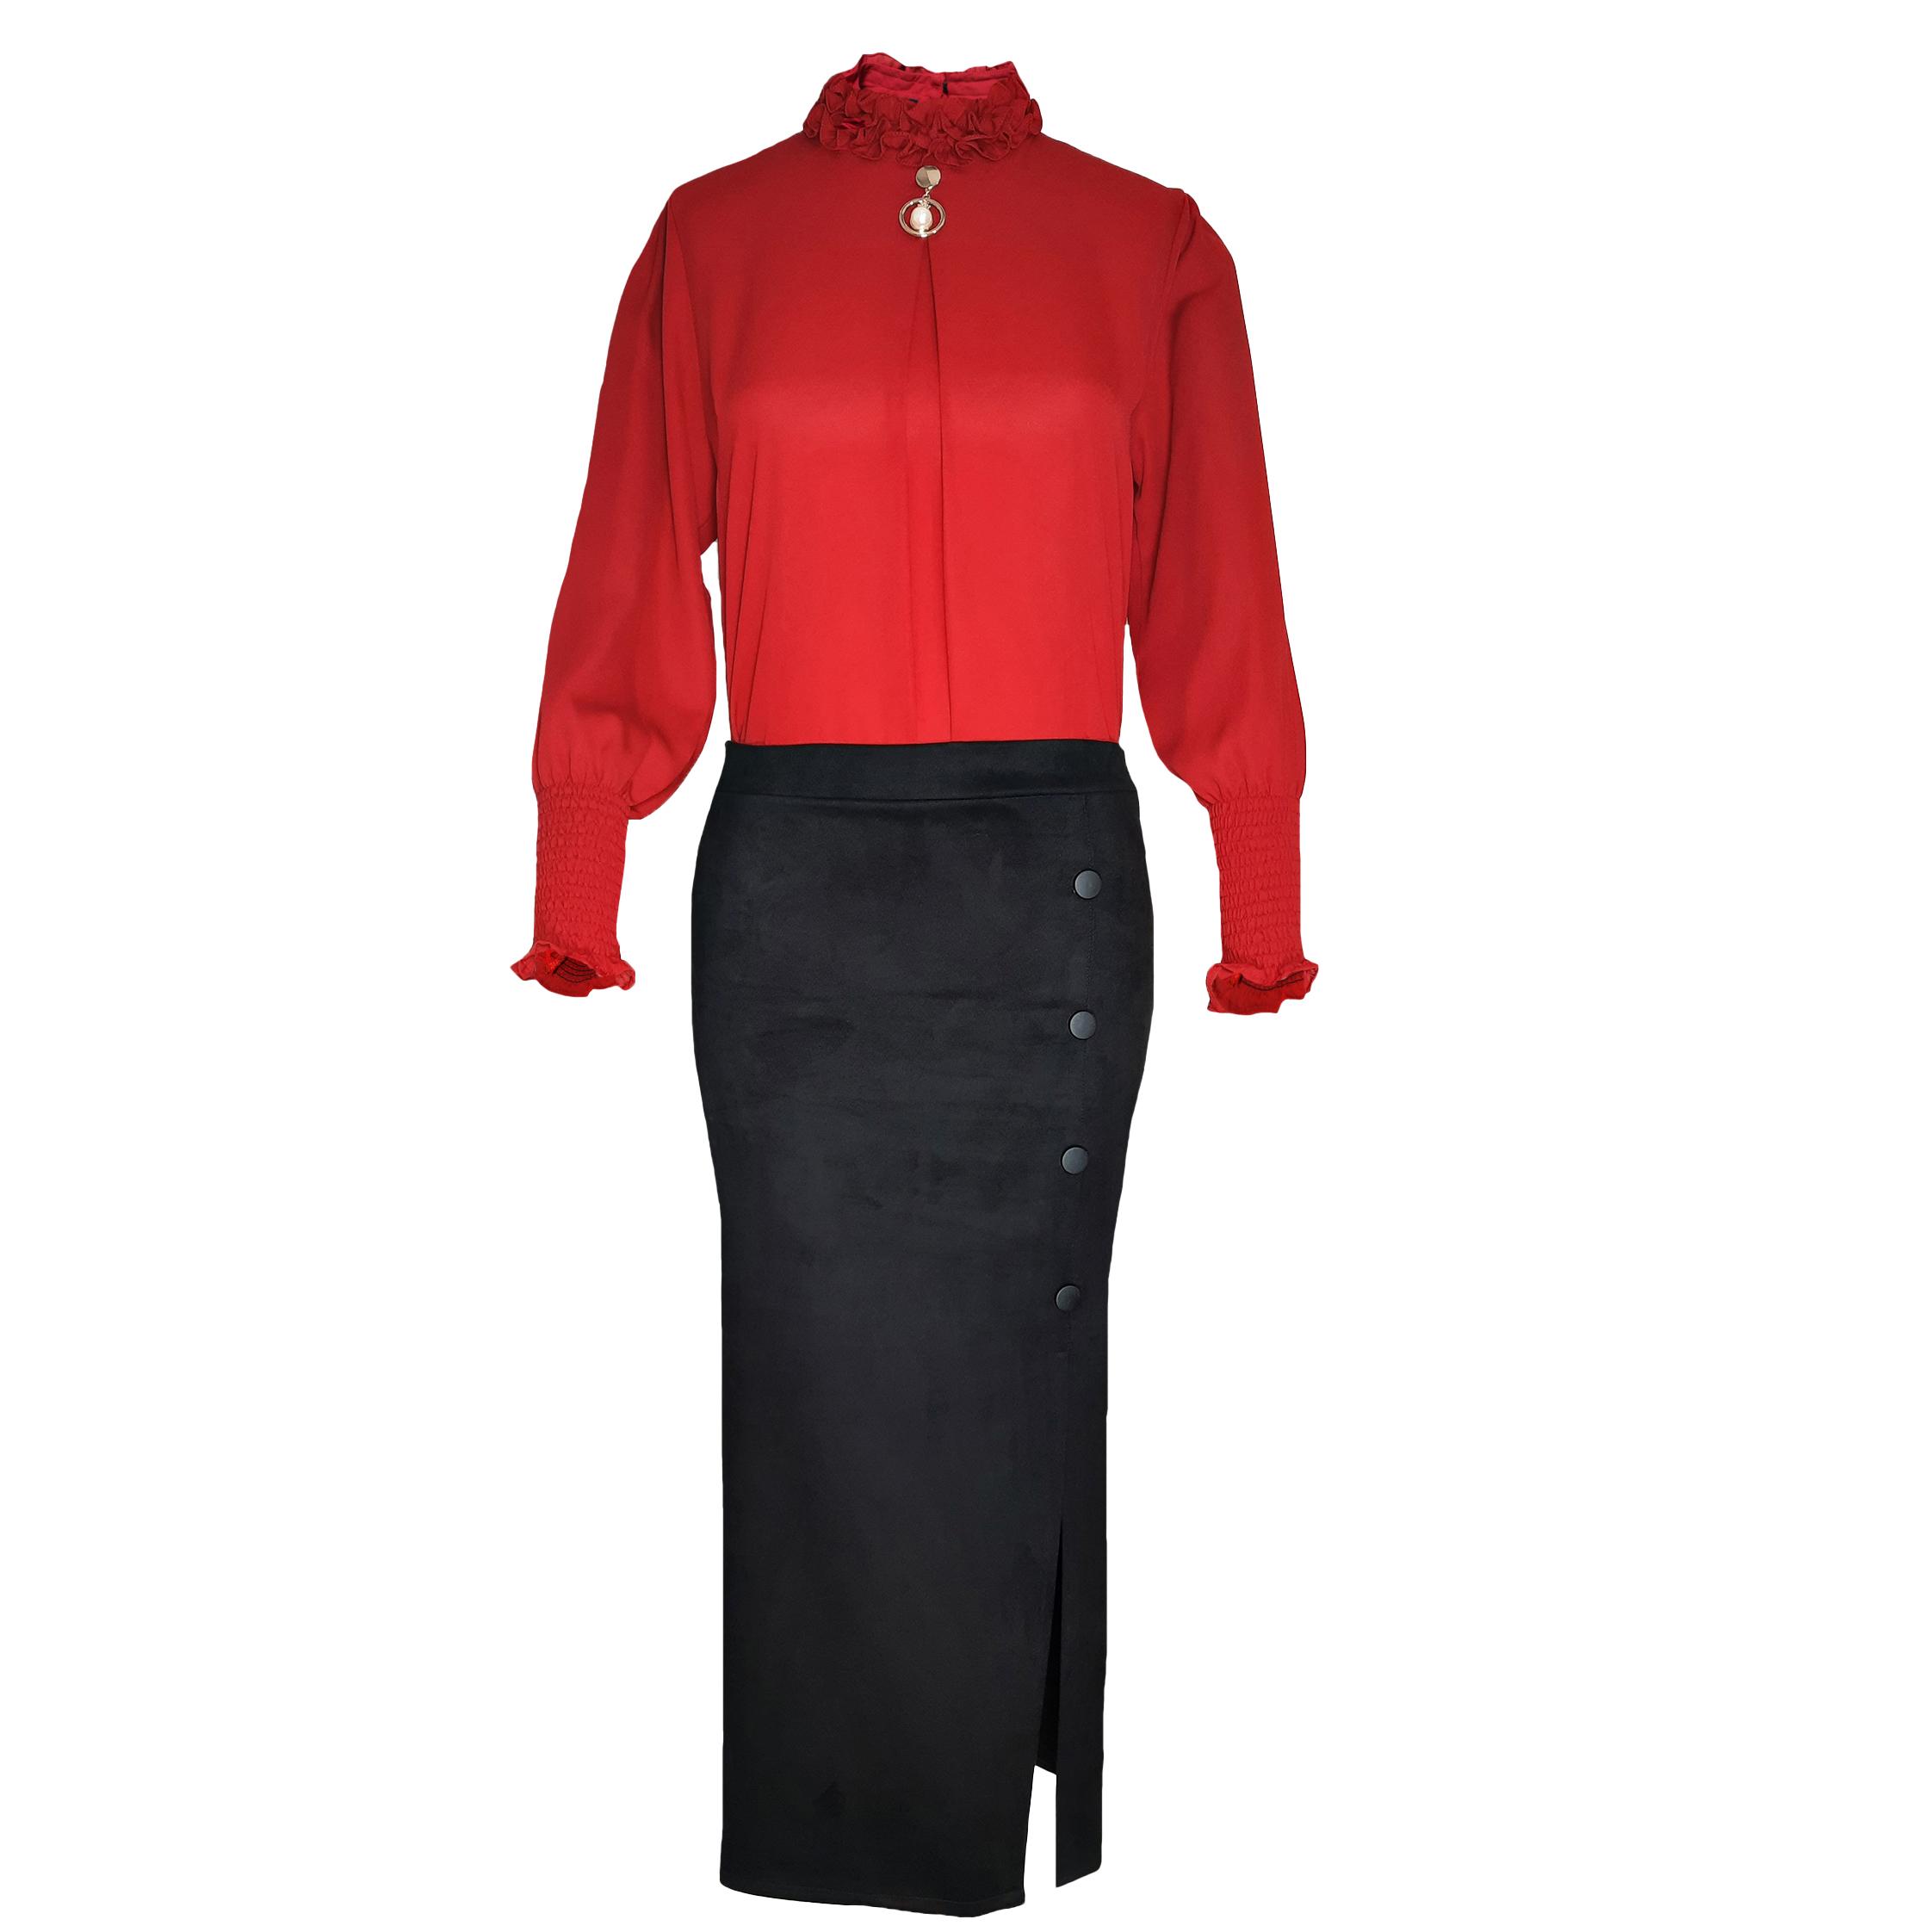 ست بلوز و دامن زنانه مدل se010rb رنگ قرمز